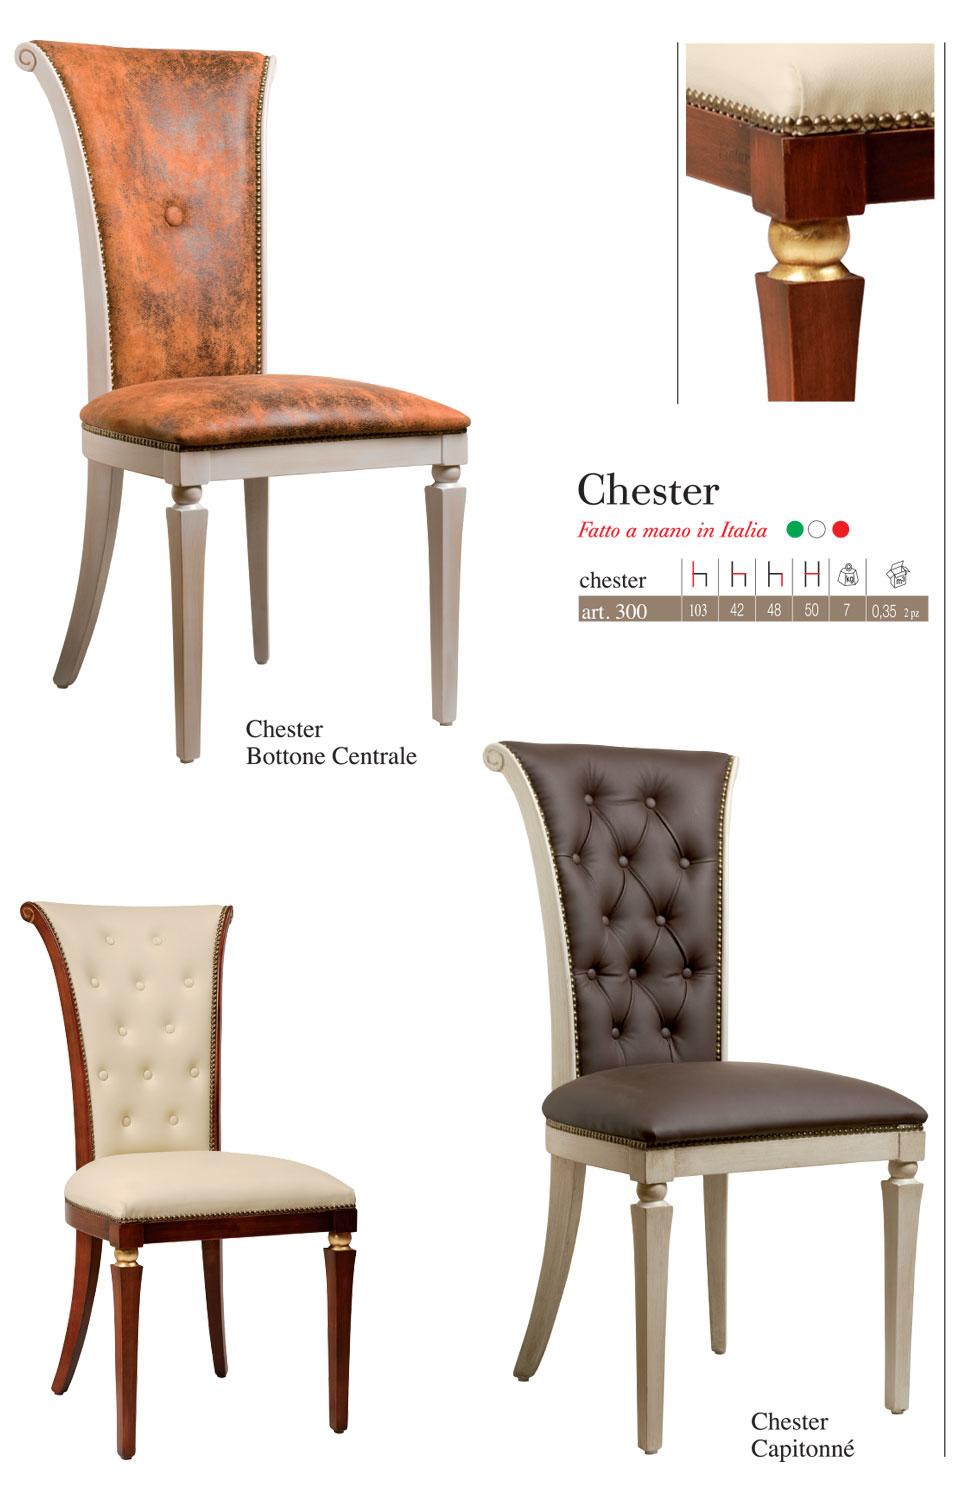 immagini realizzate in studio foto della sedia e dei vari particolari